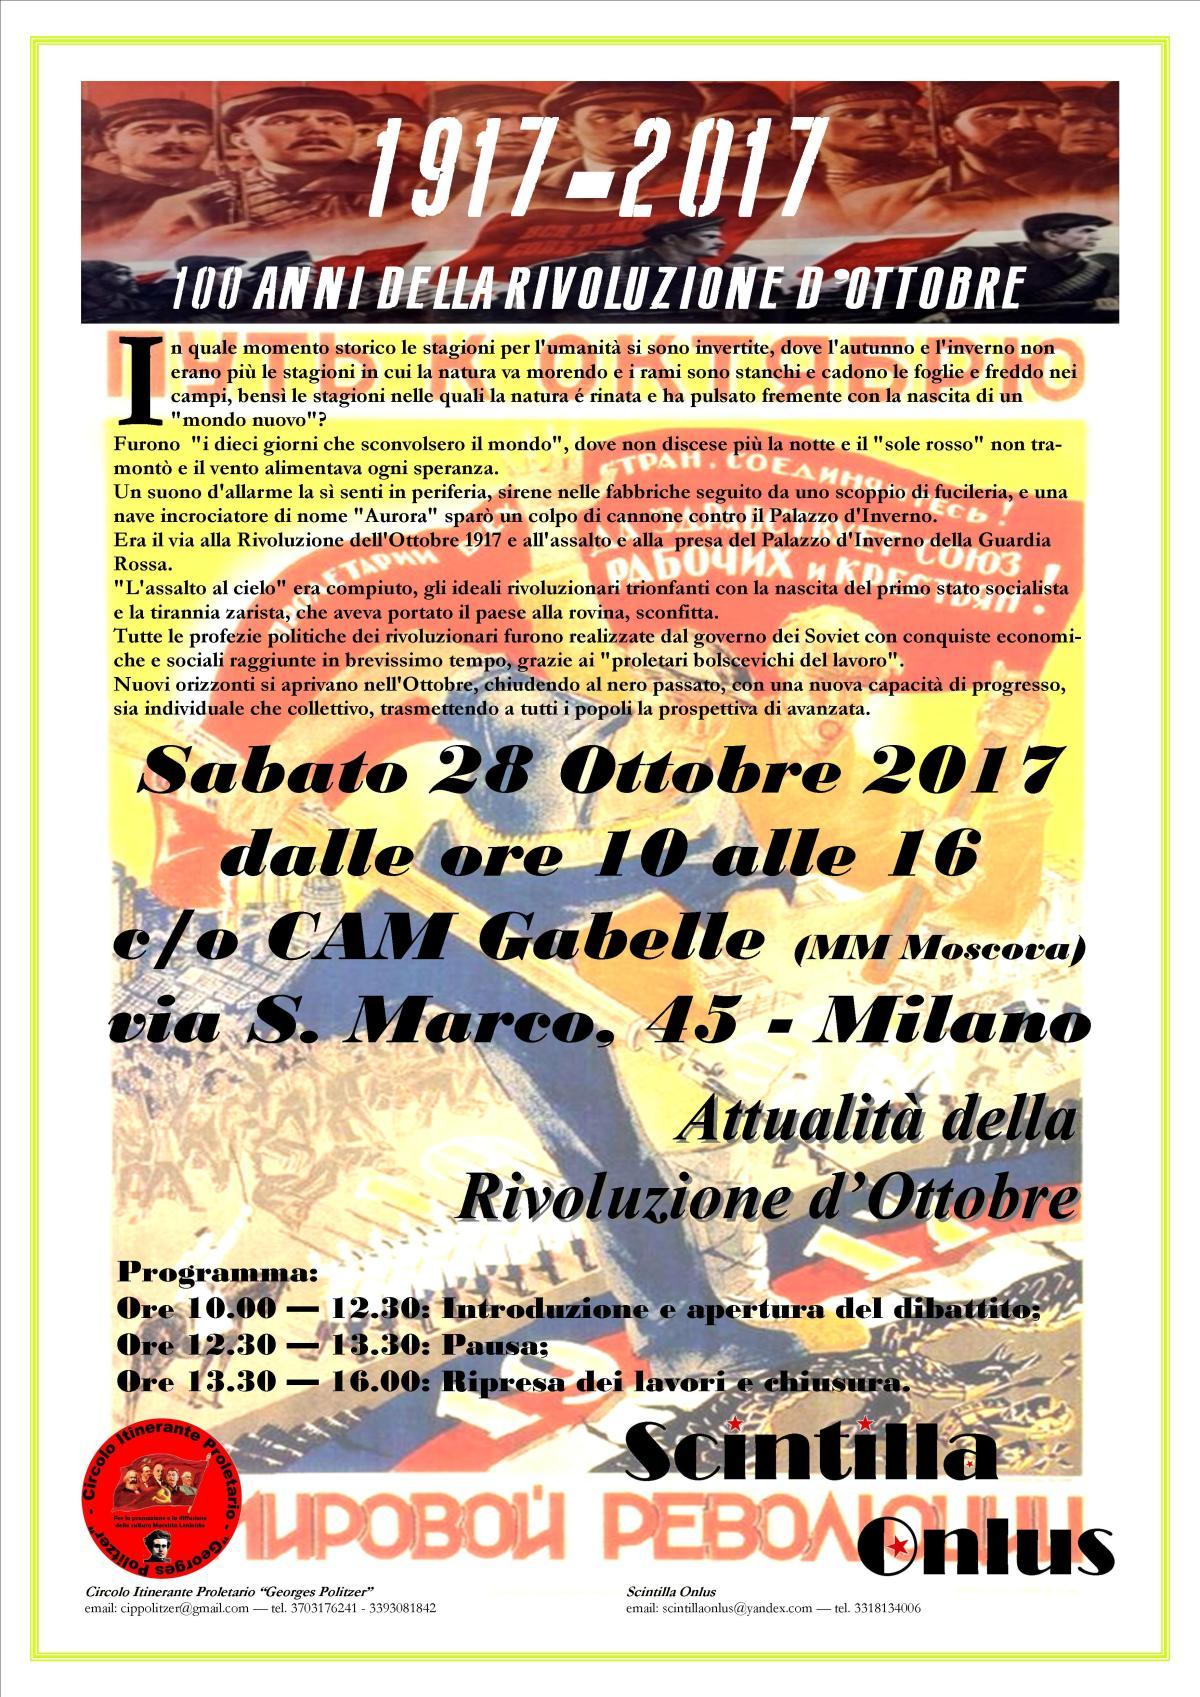 27 ottobre 2017 – 100 anni della Rivoluzioned'Ottobre